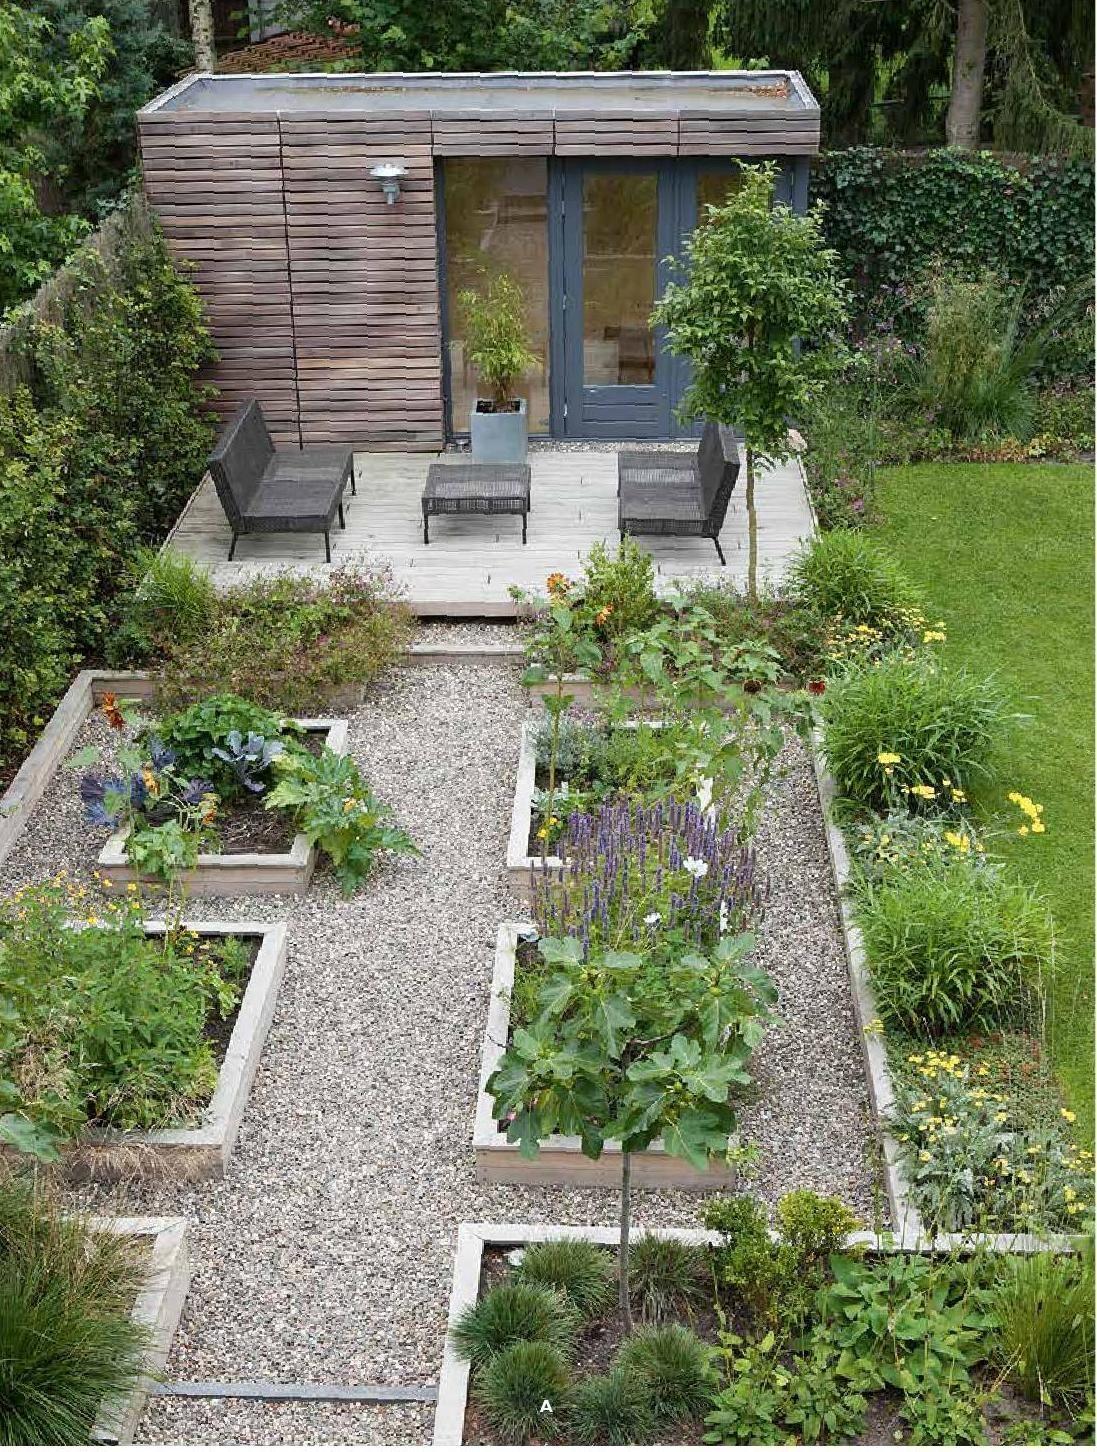 Wegner Lorey Gartengestaltung Mit Hochbeet In 2020 Backyard Landscaping Vegetable Garden Design Small Cottage Garden Ideas